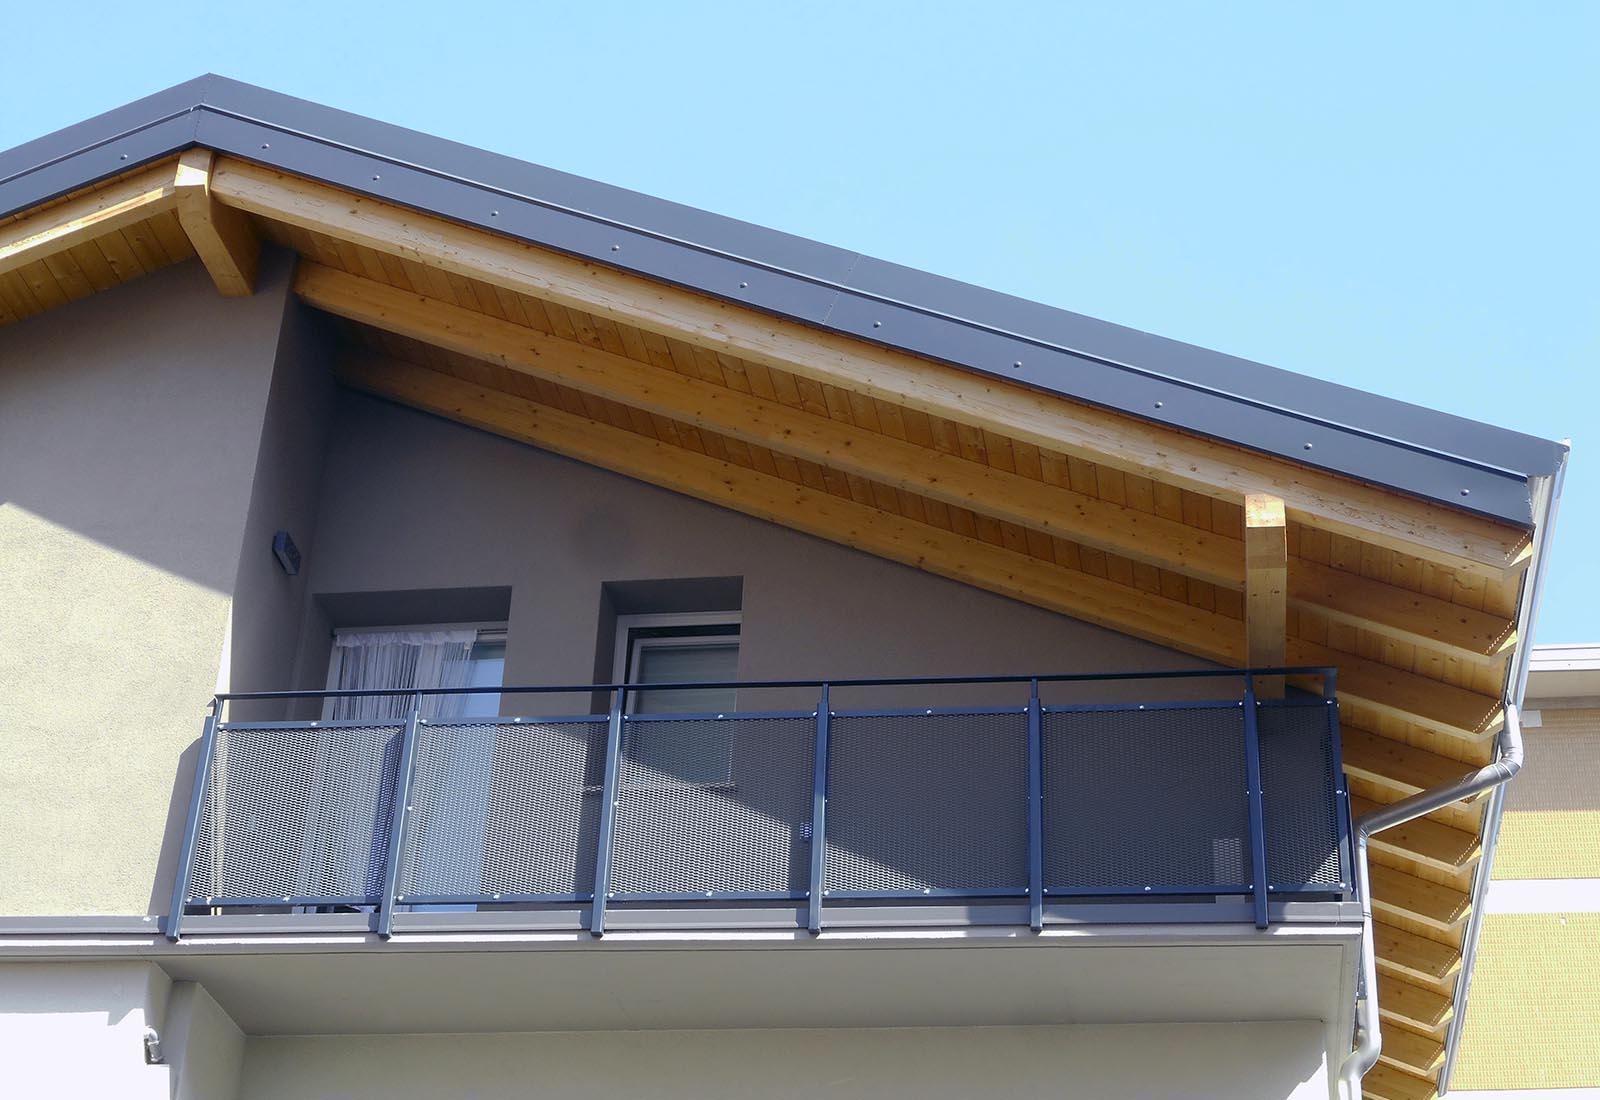 Casa a Rho in via Crocefisso - Dettaglio della facciata